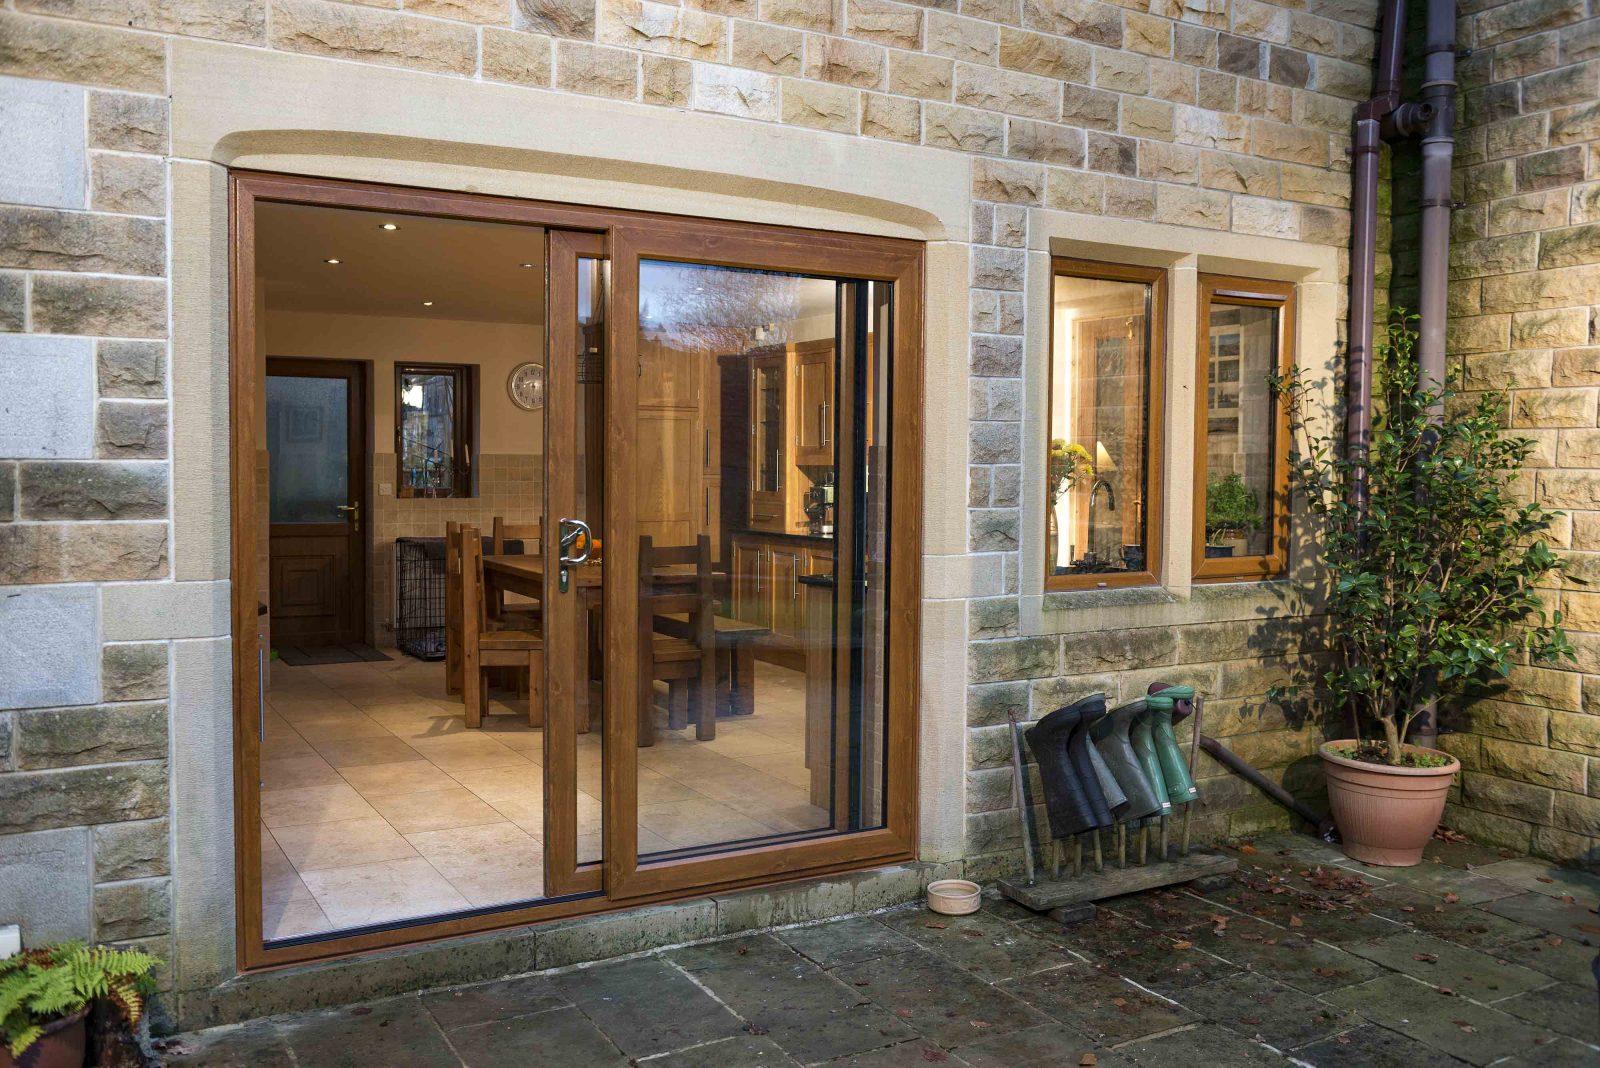 patio doors slide back into view